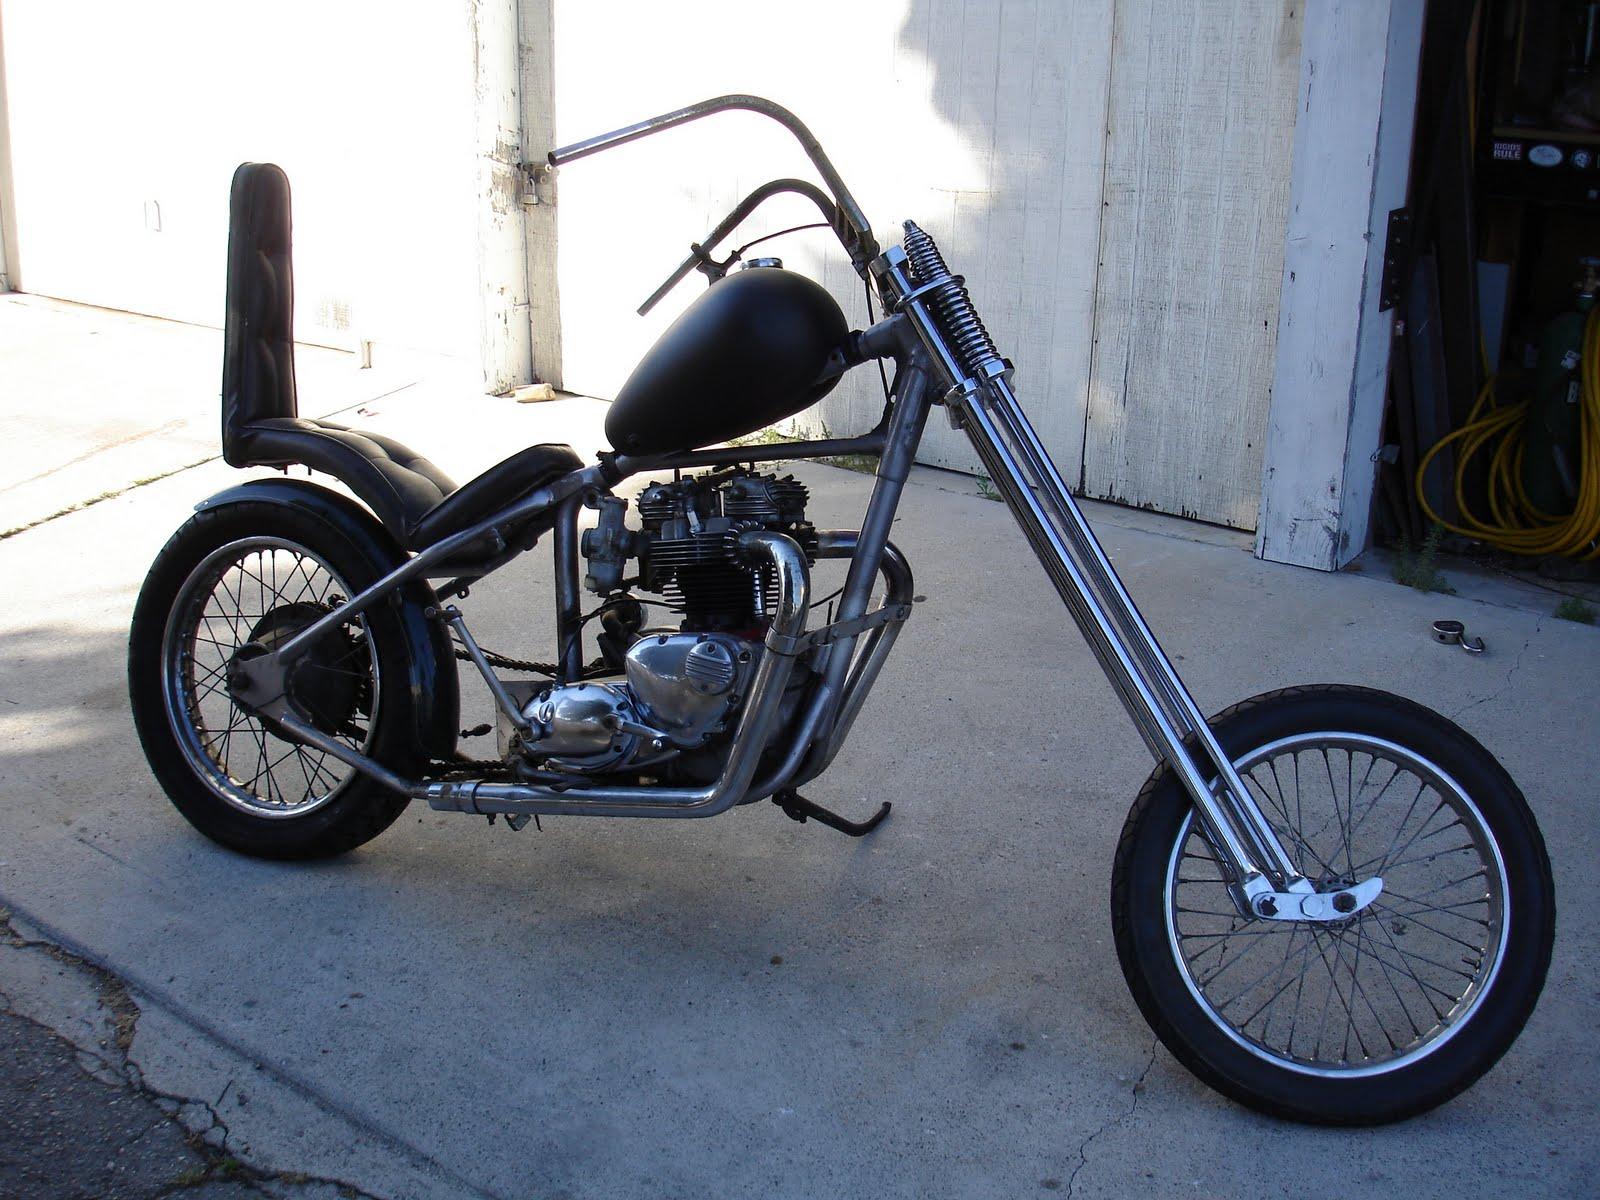 still for sale! 1970 triumph chopper project. $1700.00